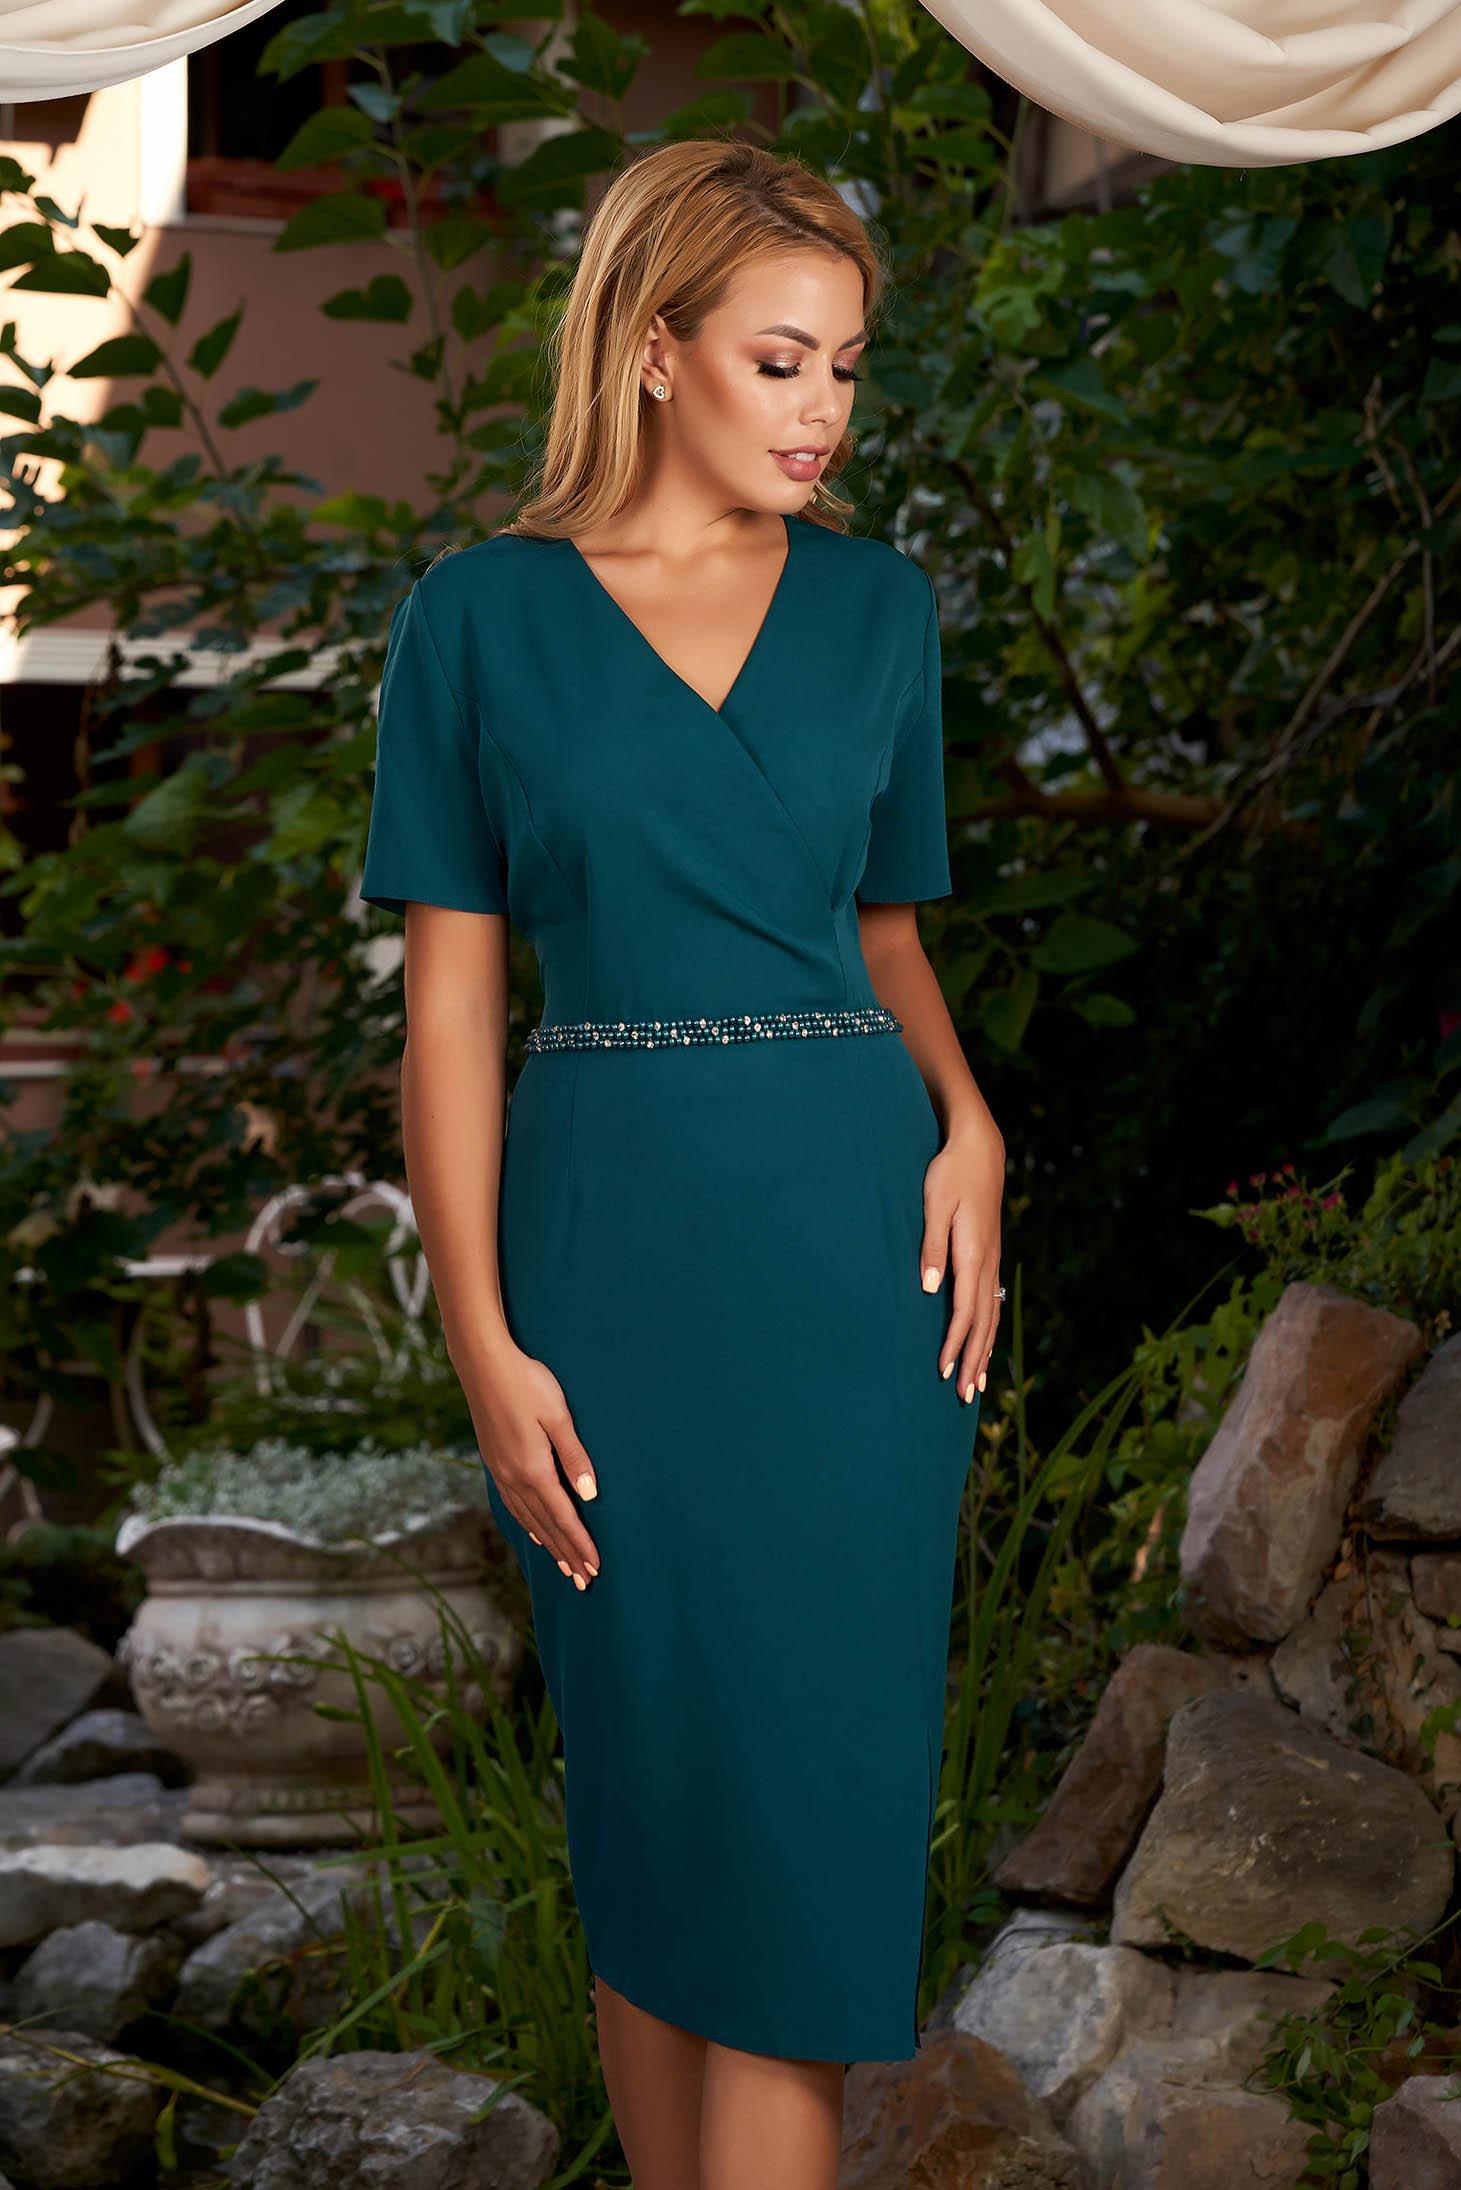 Rochie verde-inchis eleganta midi tip creion din stofa subtire cu maneci scurte